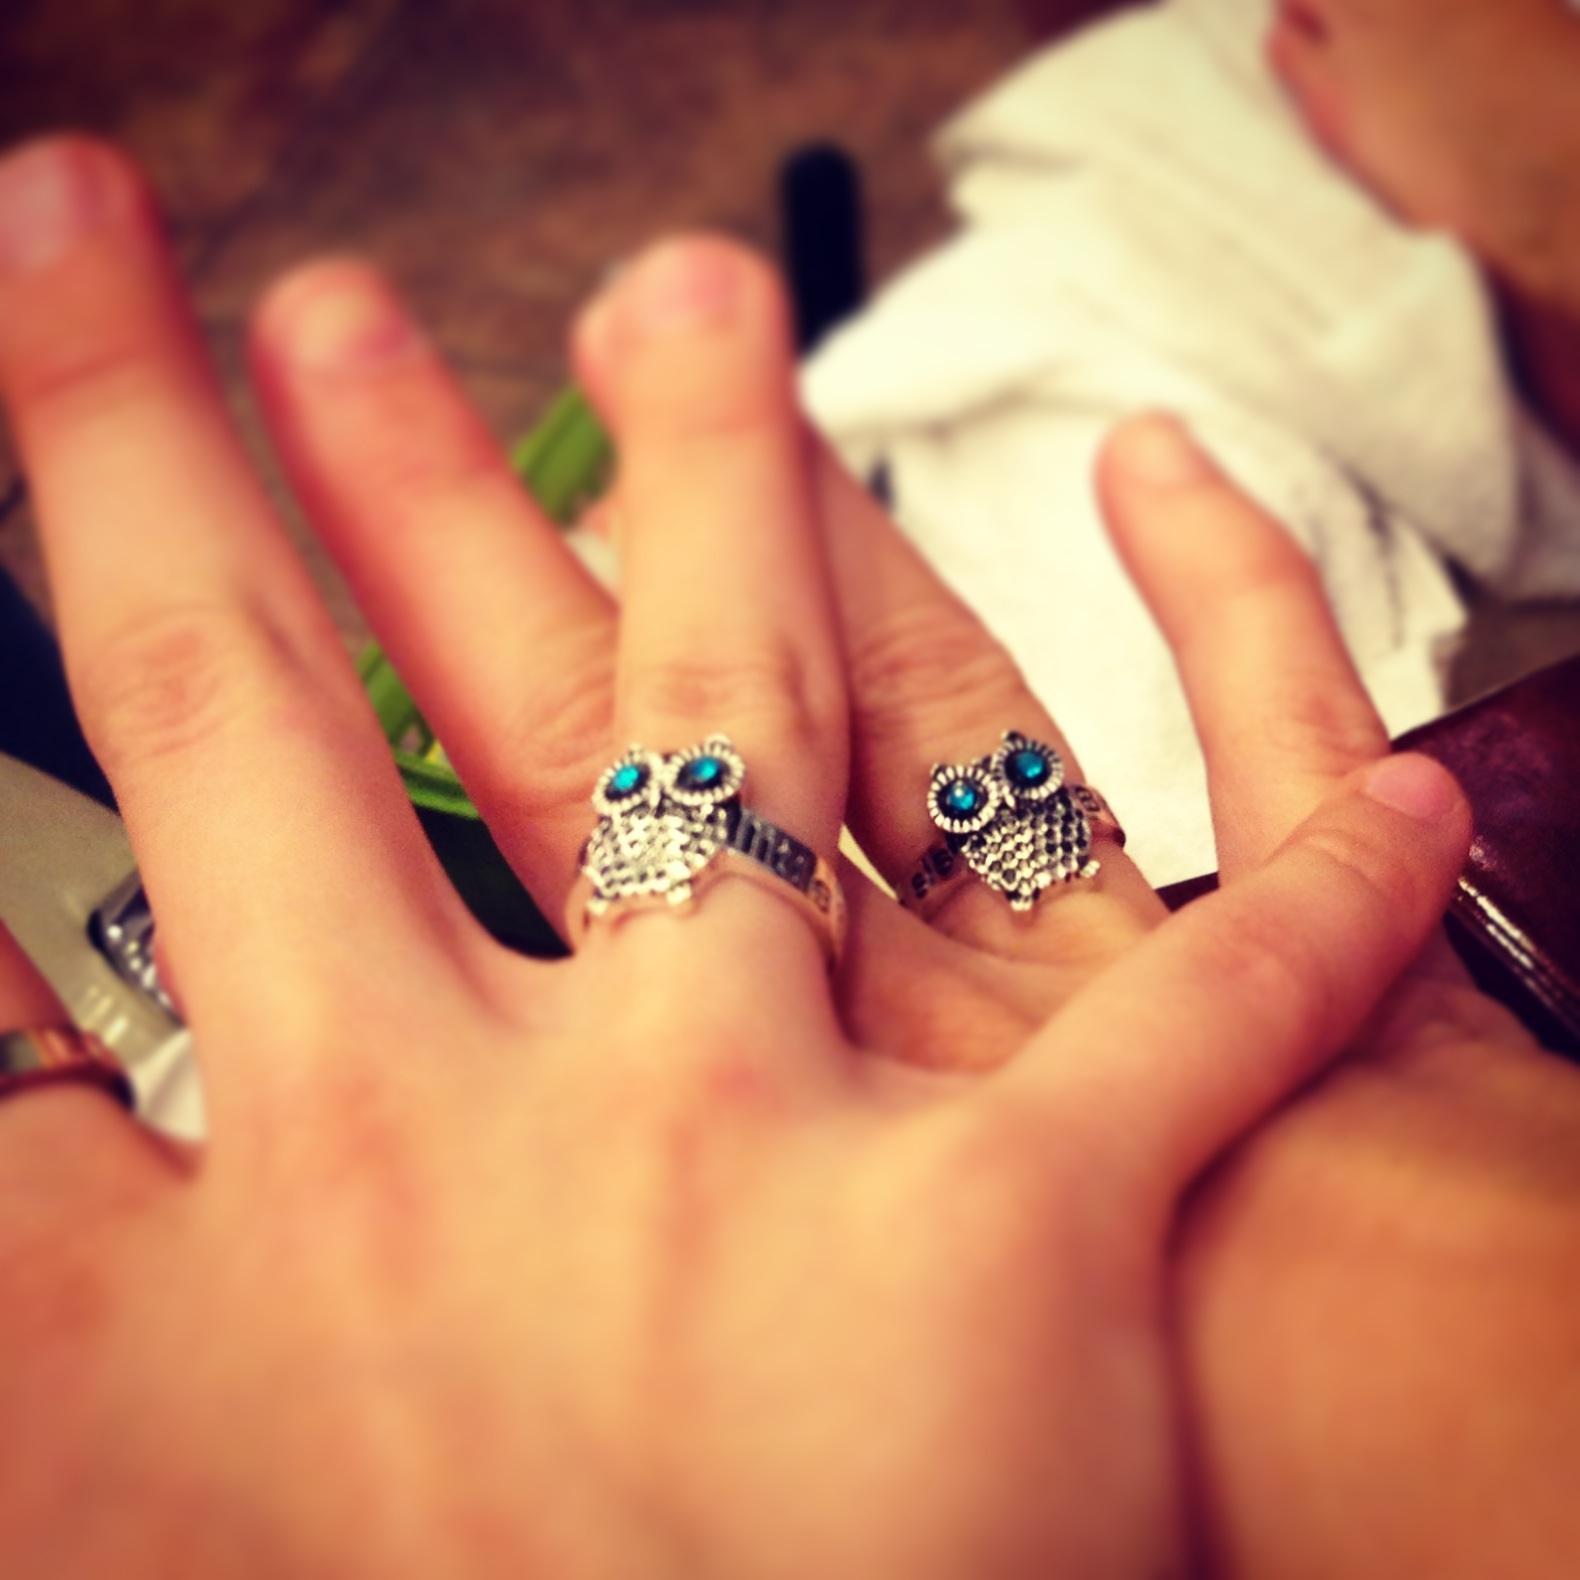 Matching big & little rings. TSM.